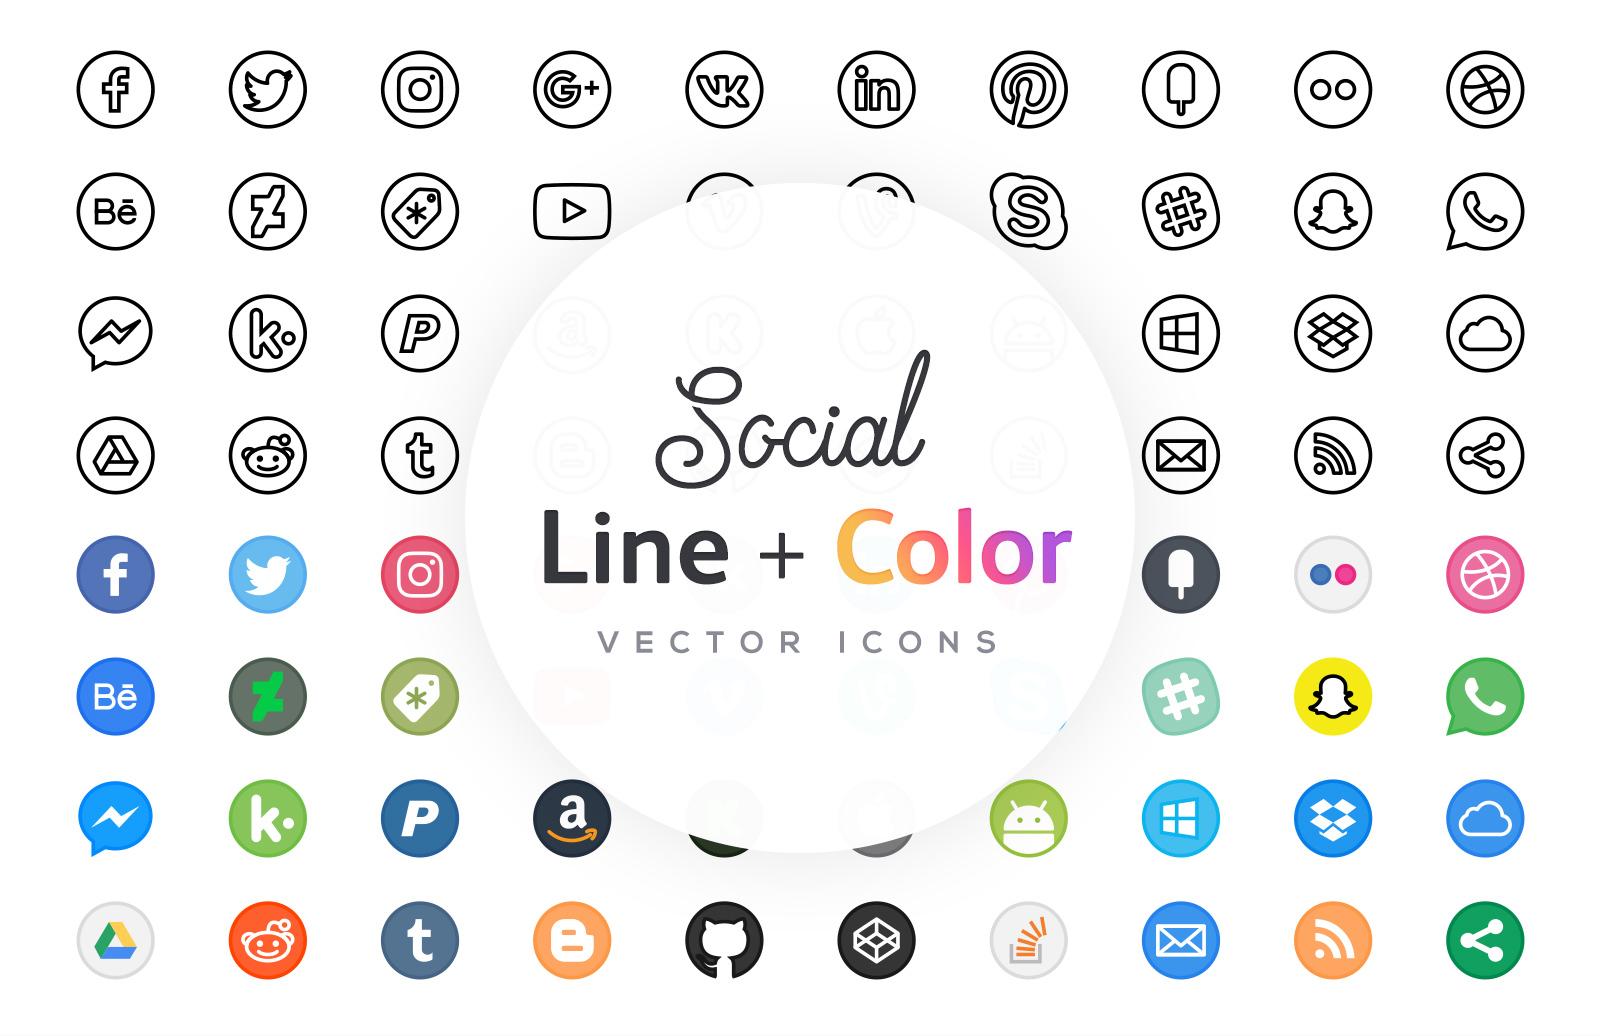 Free Line Icons - Social 1